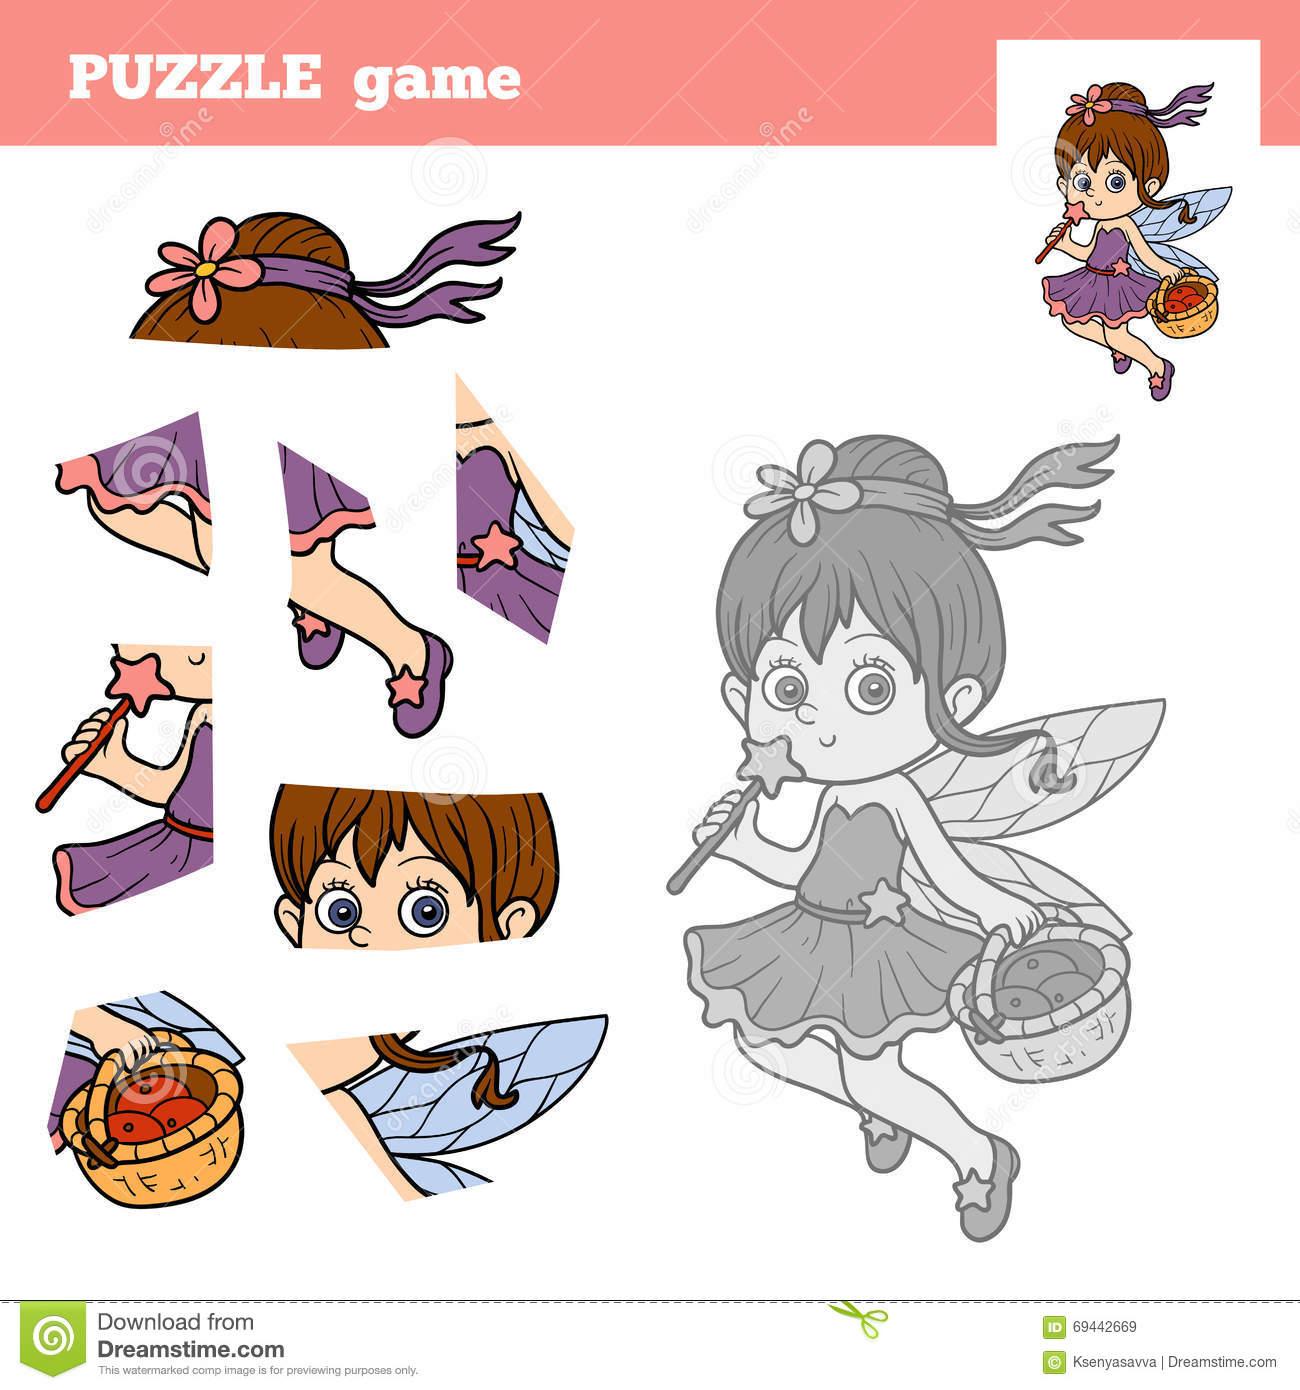 Jeux De Puzzle De Fee Telecharger | Denmonasse.ml tout Jeux De Fille Puzzle